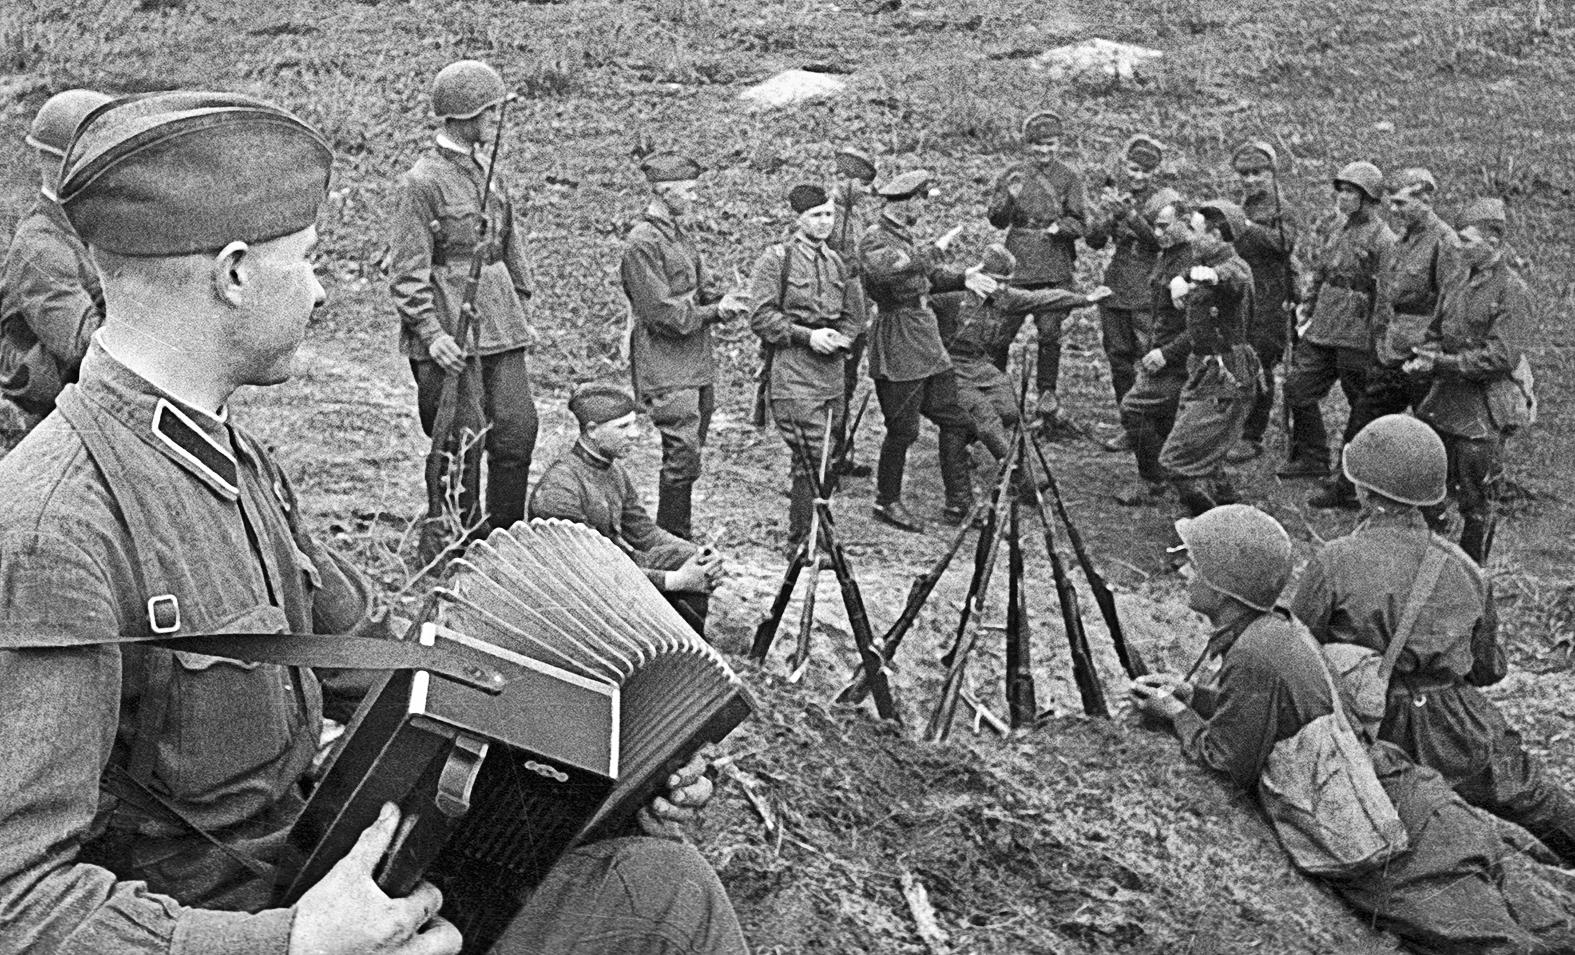 Szovjet katonák énekelnek és táncolnak a II. világháború idején #moszkvater